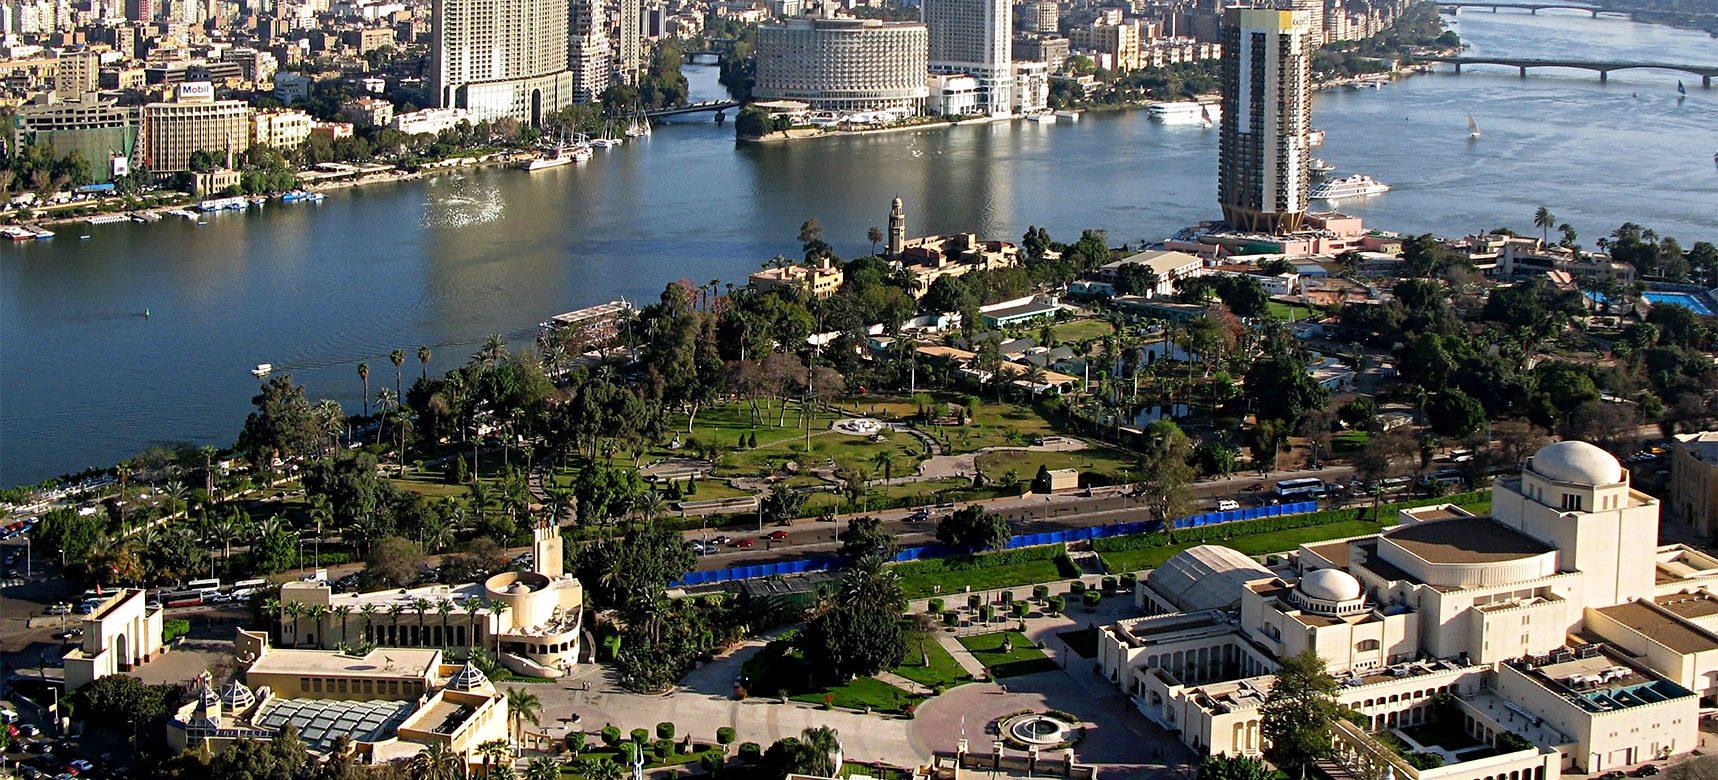 La Banque européenne pour la reconstruction et le développement (BERD) va investir en Egypte